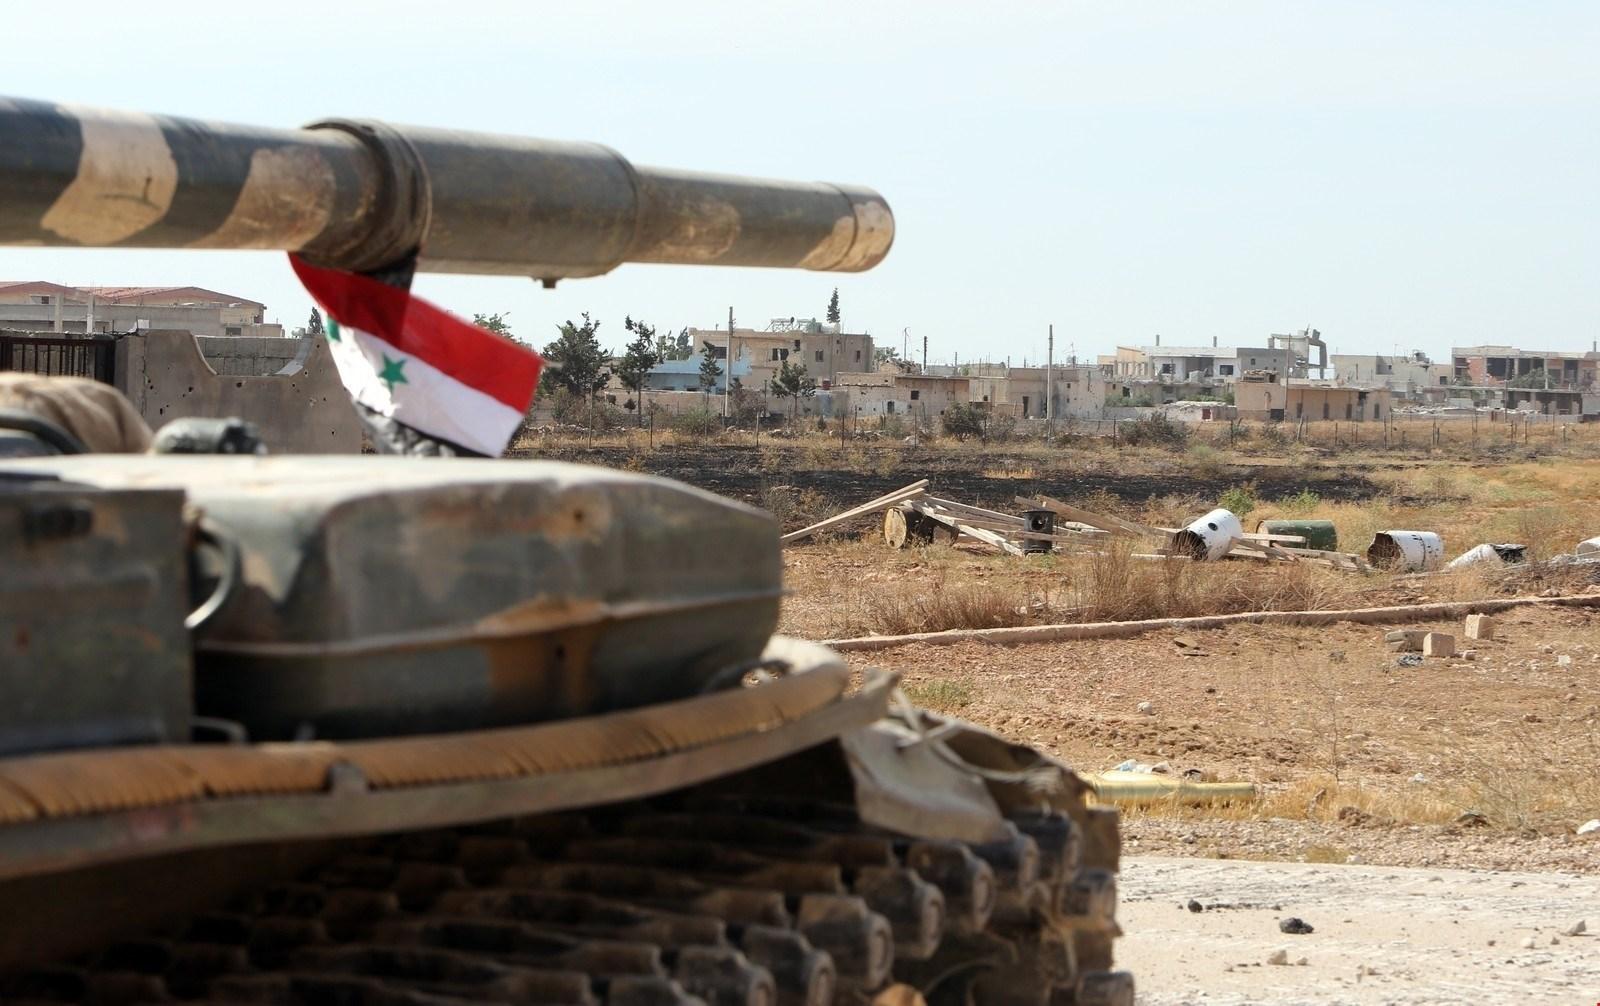 مراسل الميادين: الجيش السوري صدّ هجمات متعددة للمجموعات المسلحة على محور سراقب